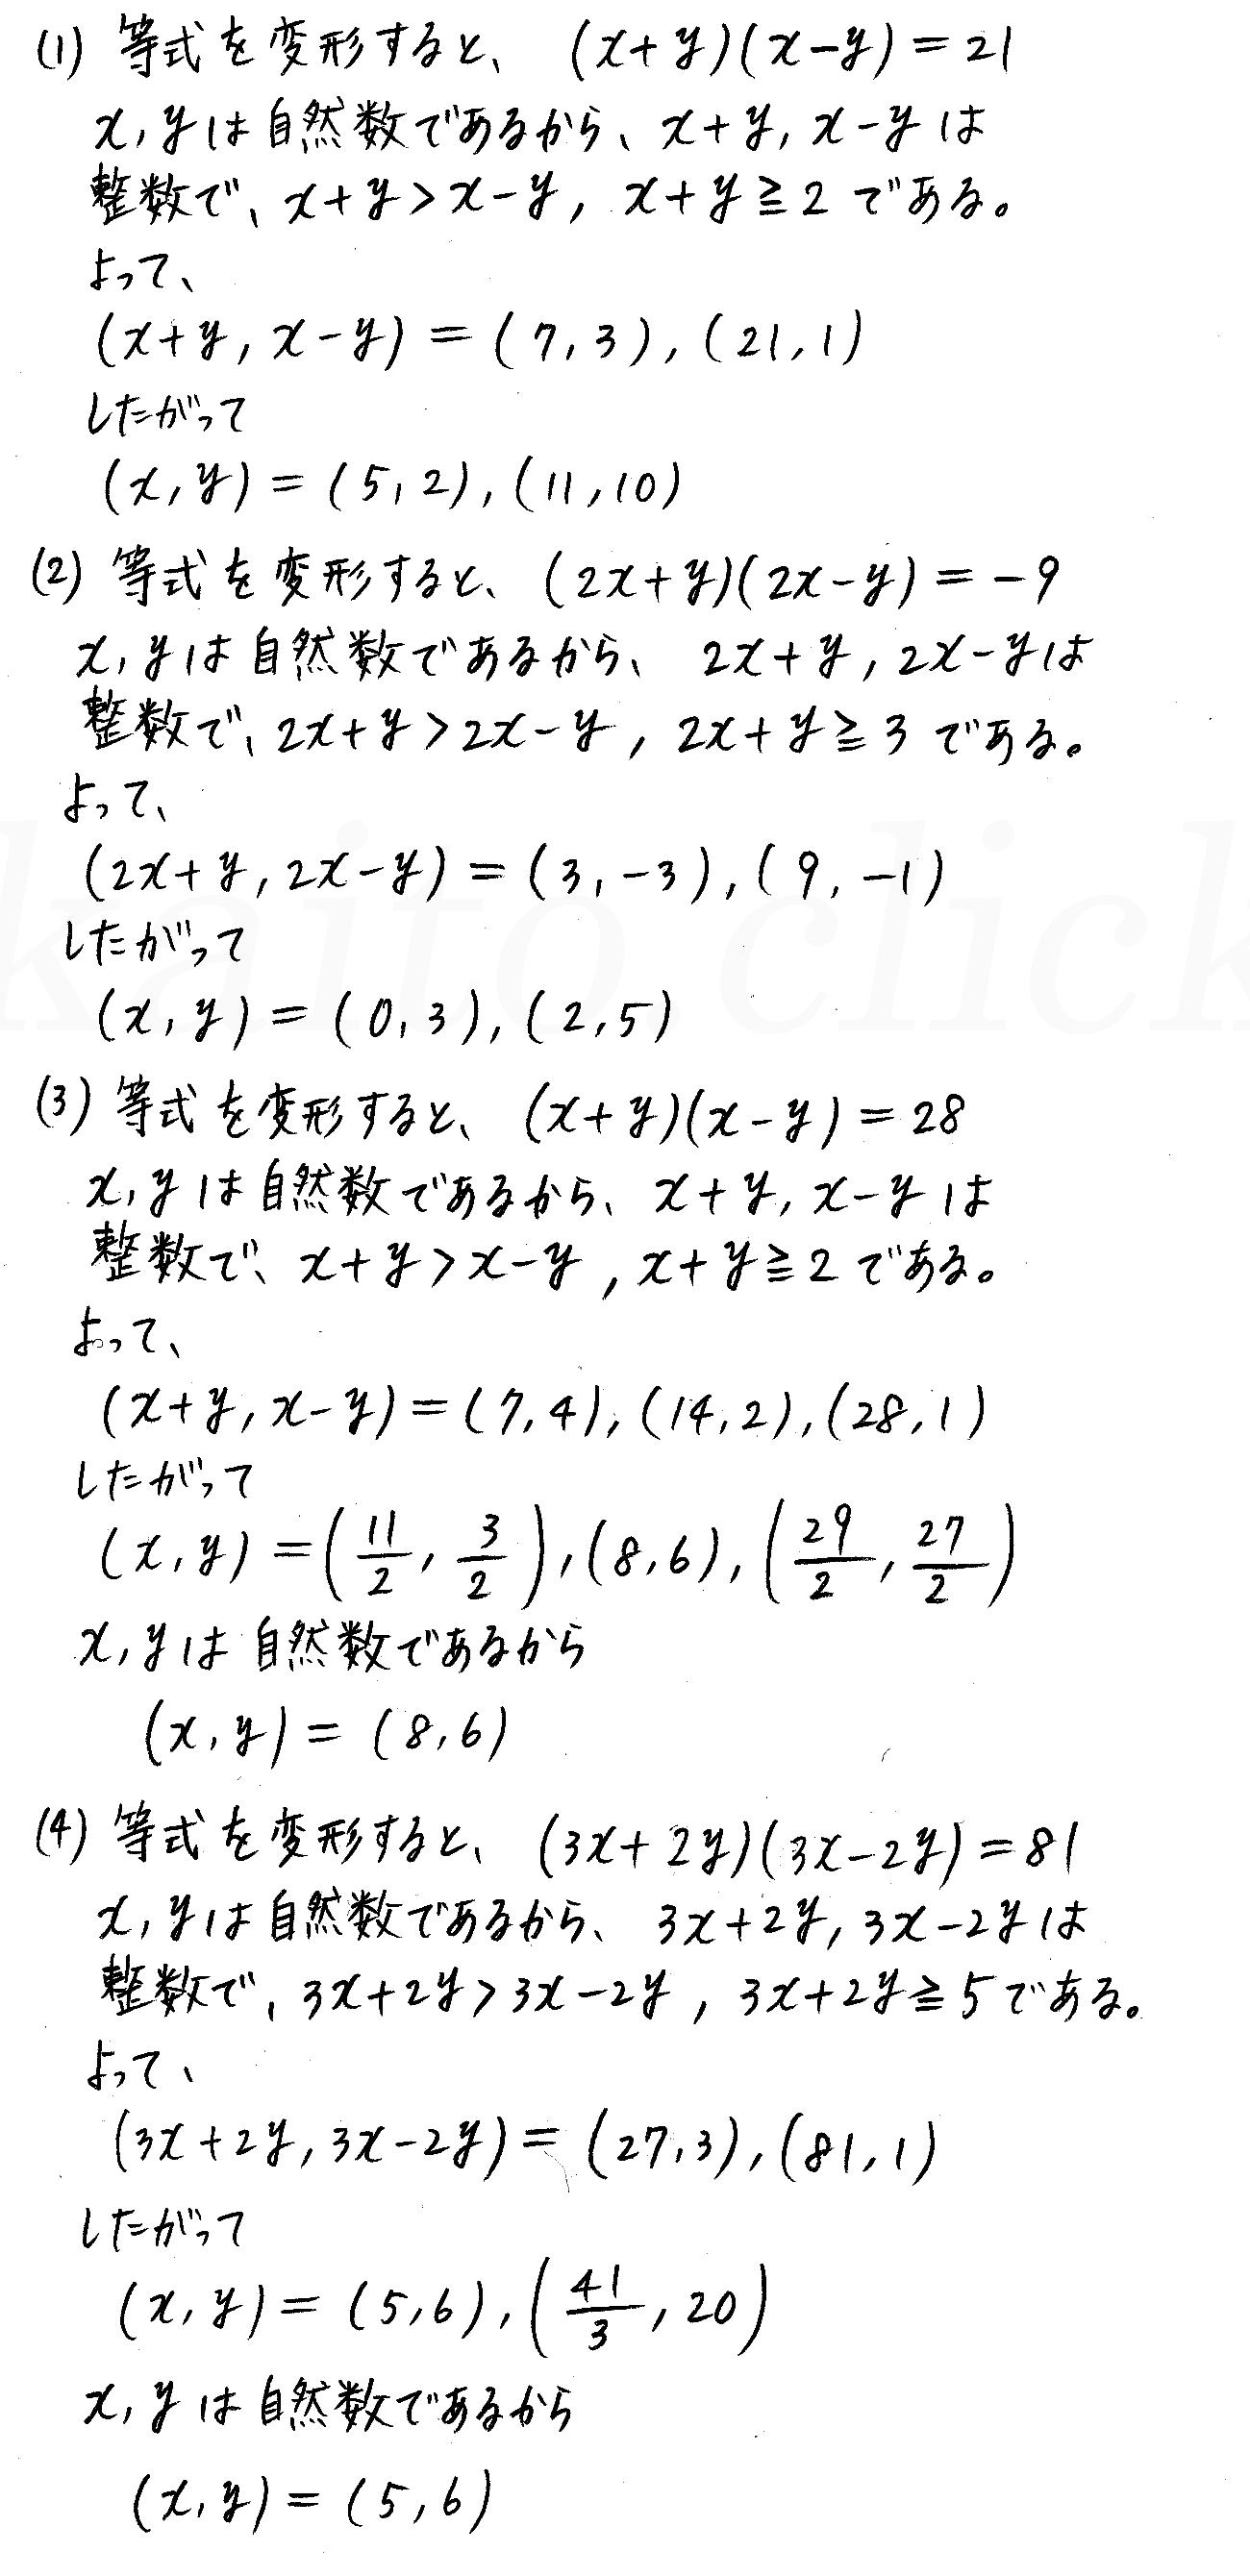 クリアー数学A-235解答